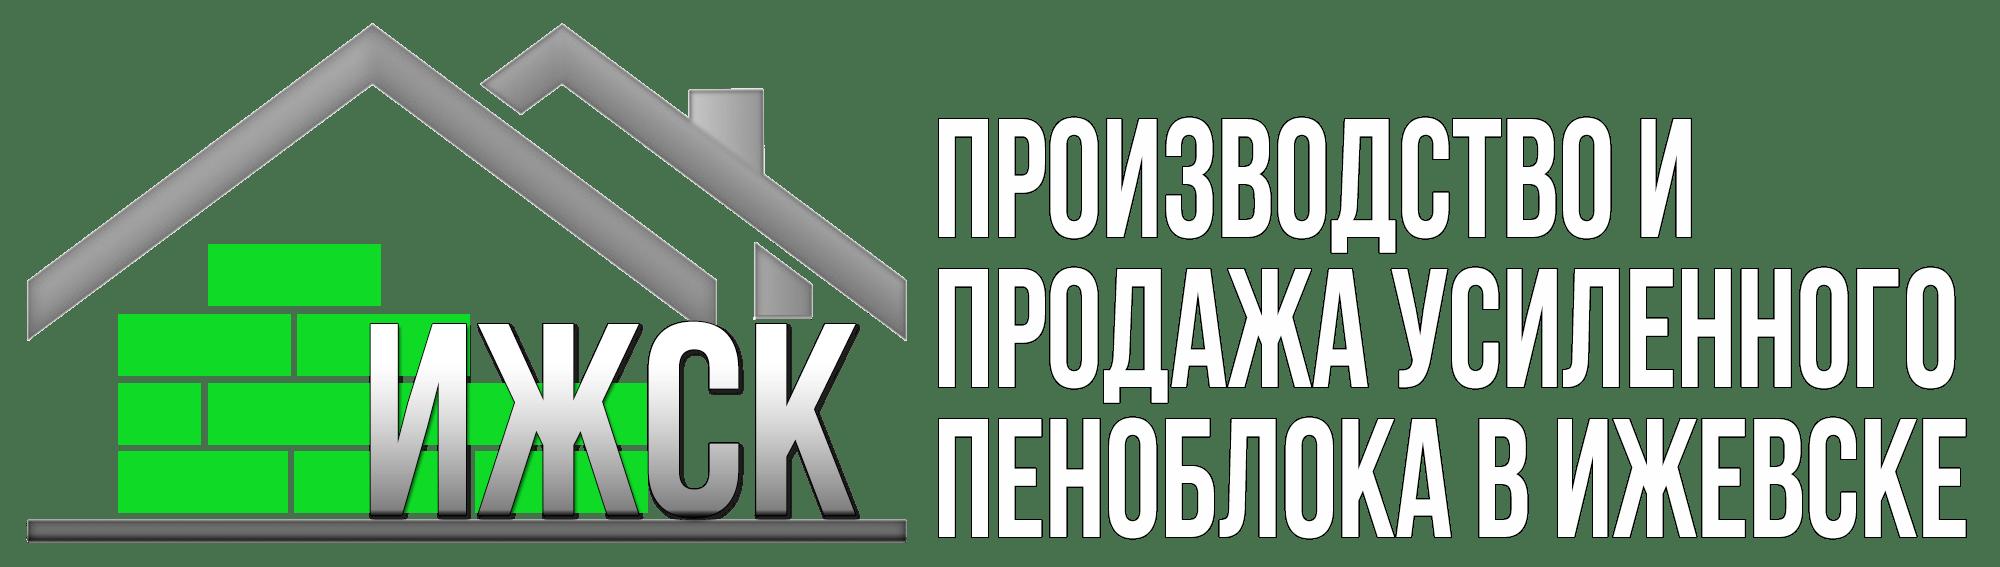 Пеноблок Ижевск